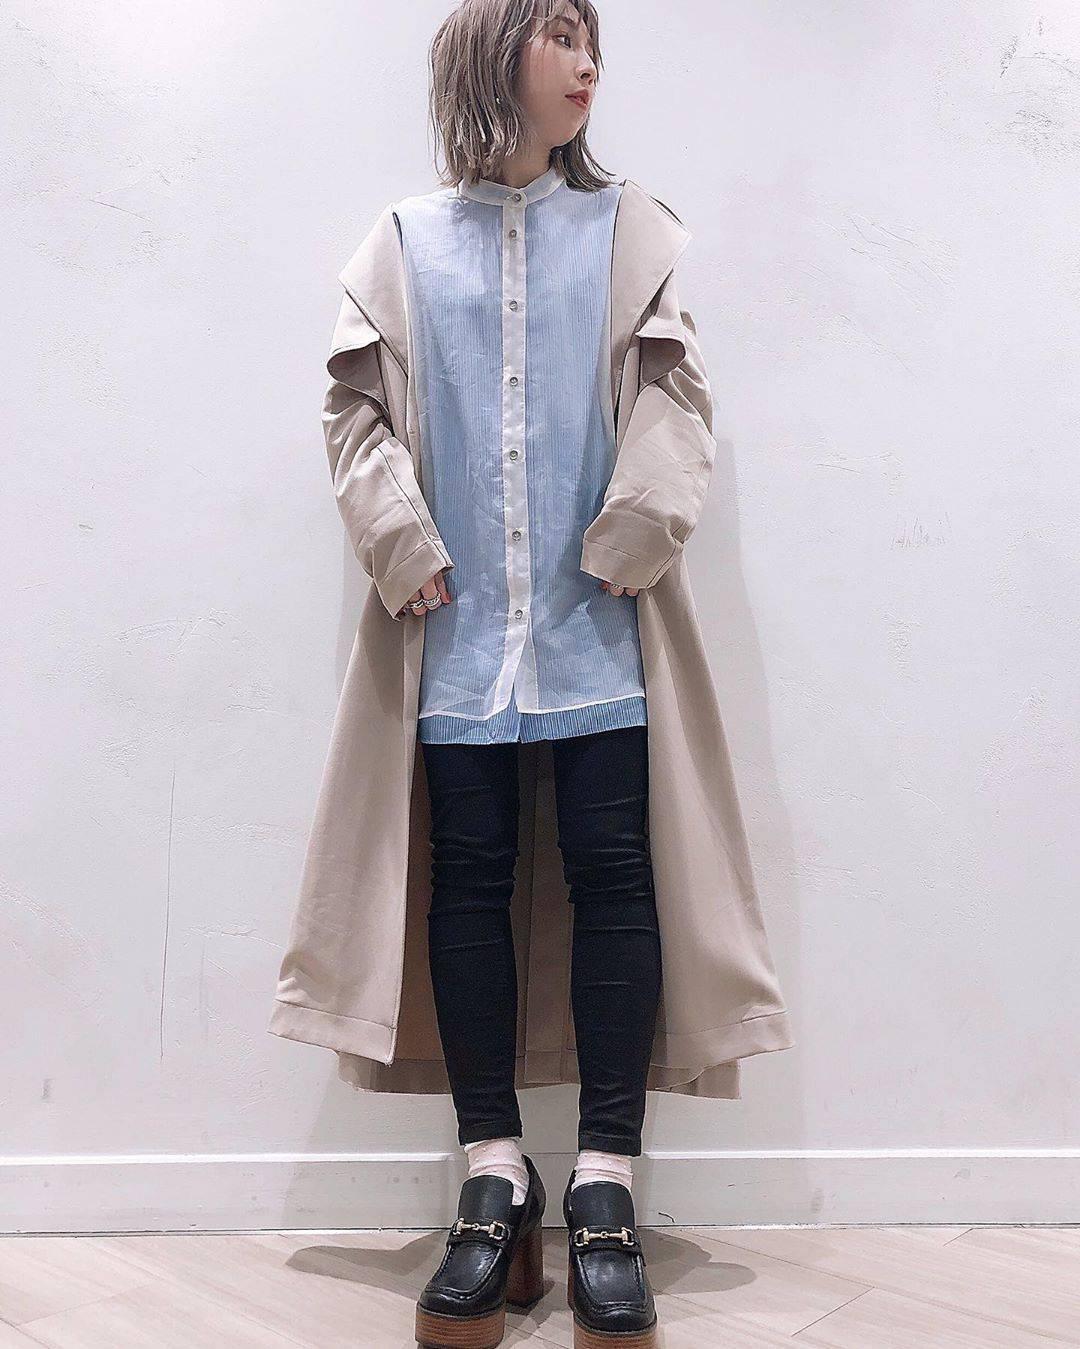 最高気温11度・最低気温1度 akaririri_1022の服装